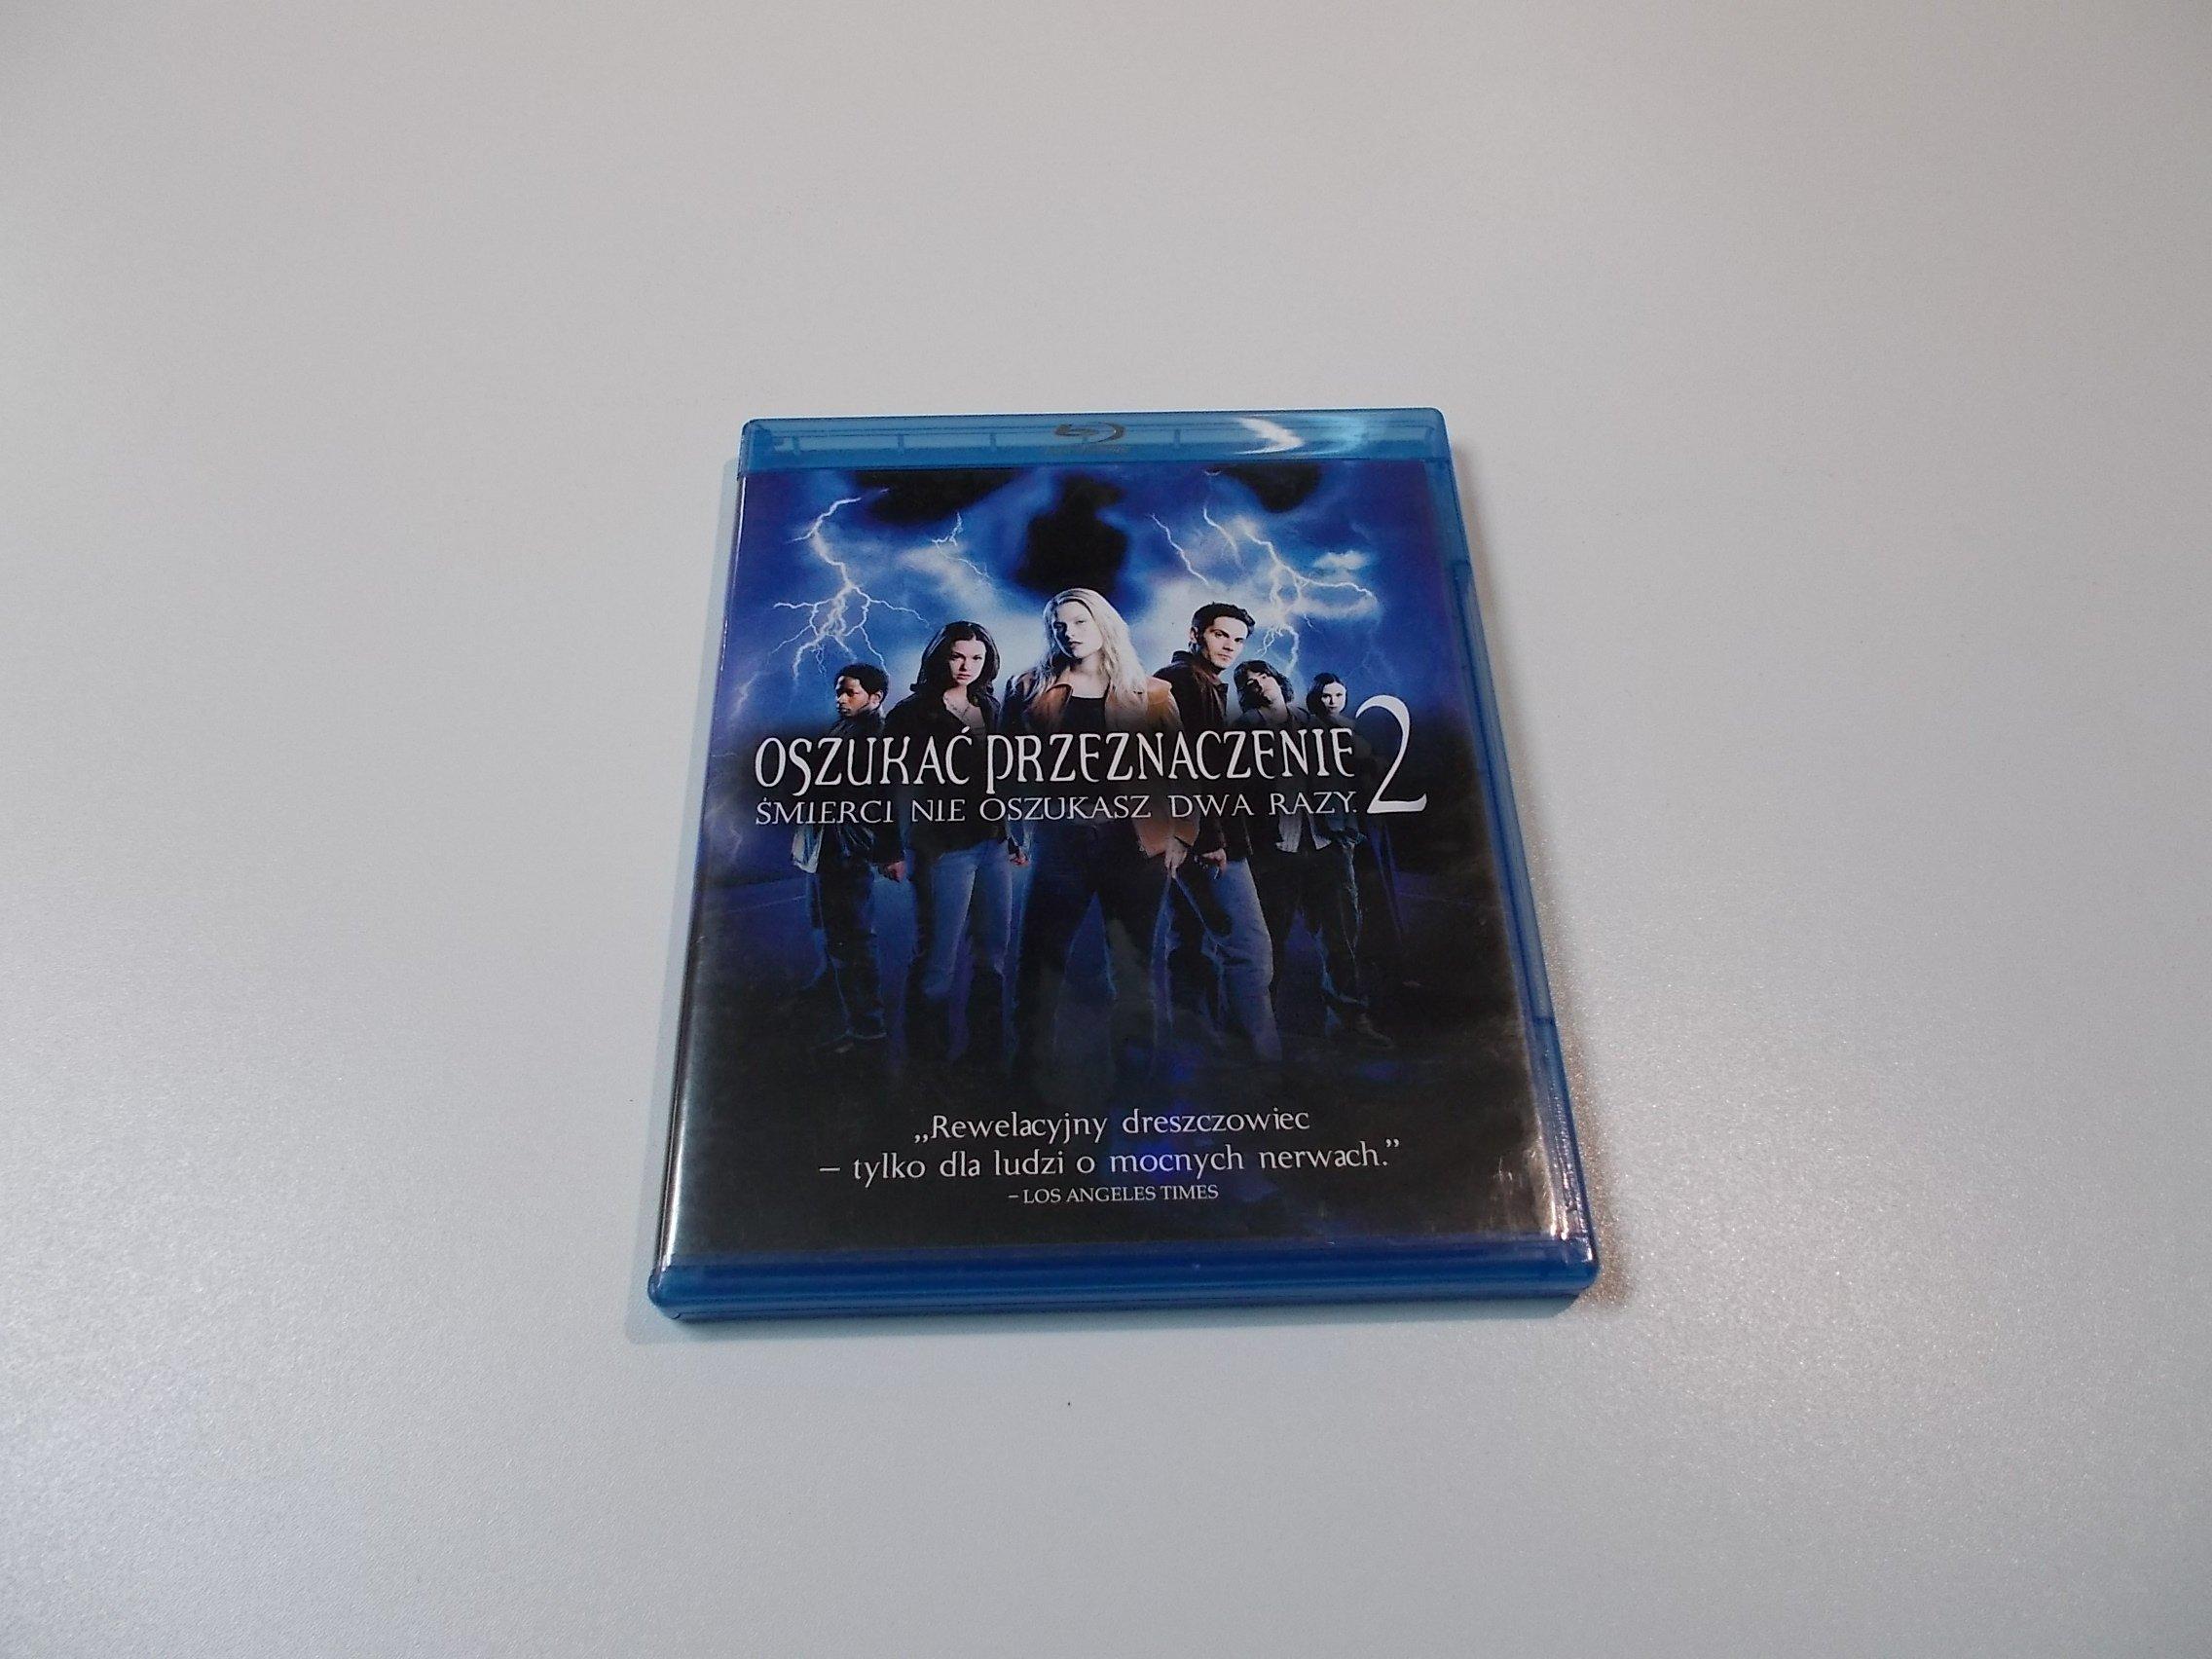 Oszukać przeznaczenie 2 - Blu-ray - Sklep